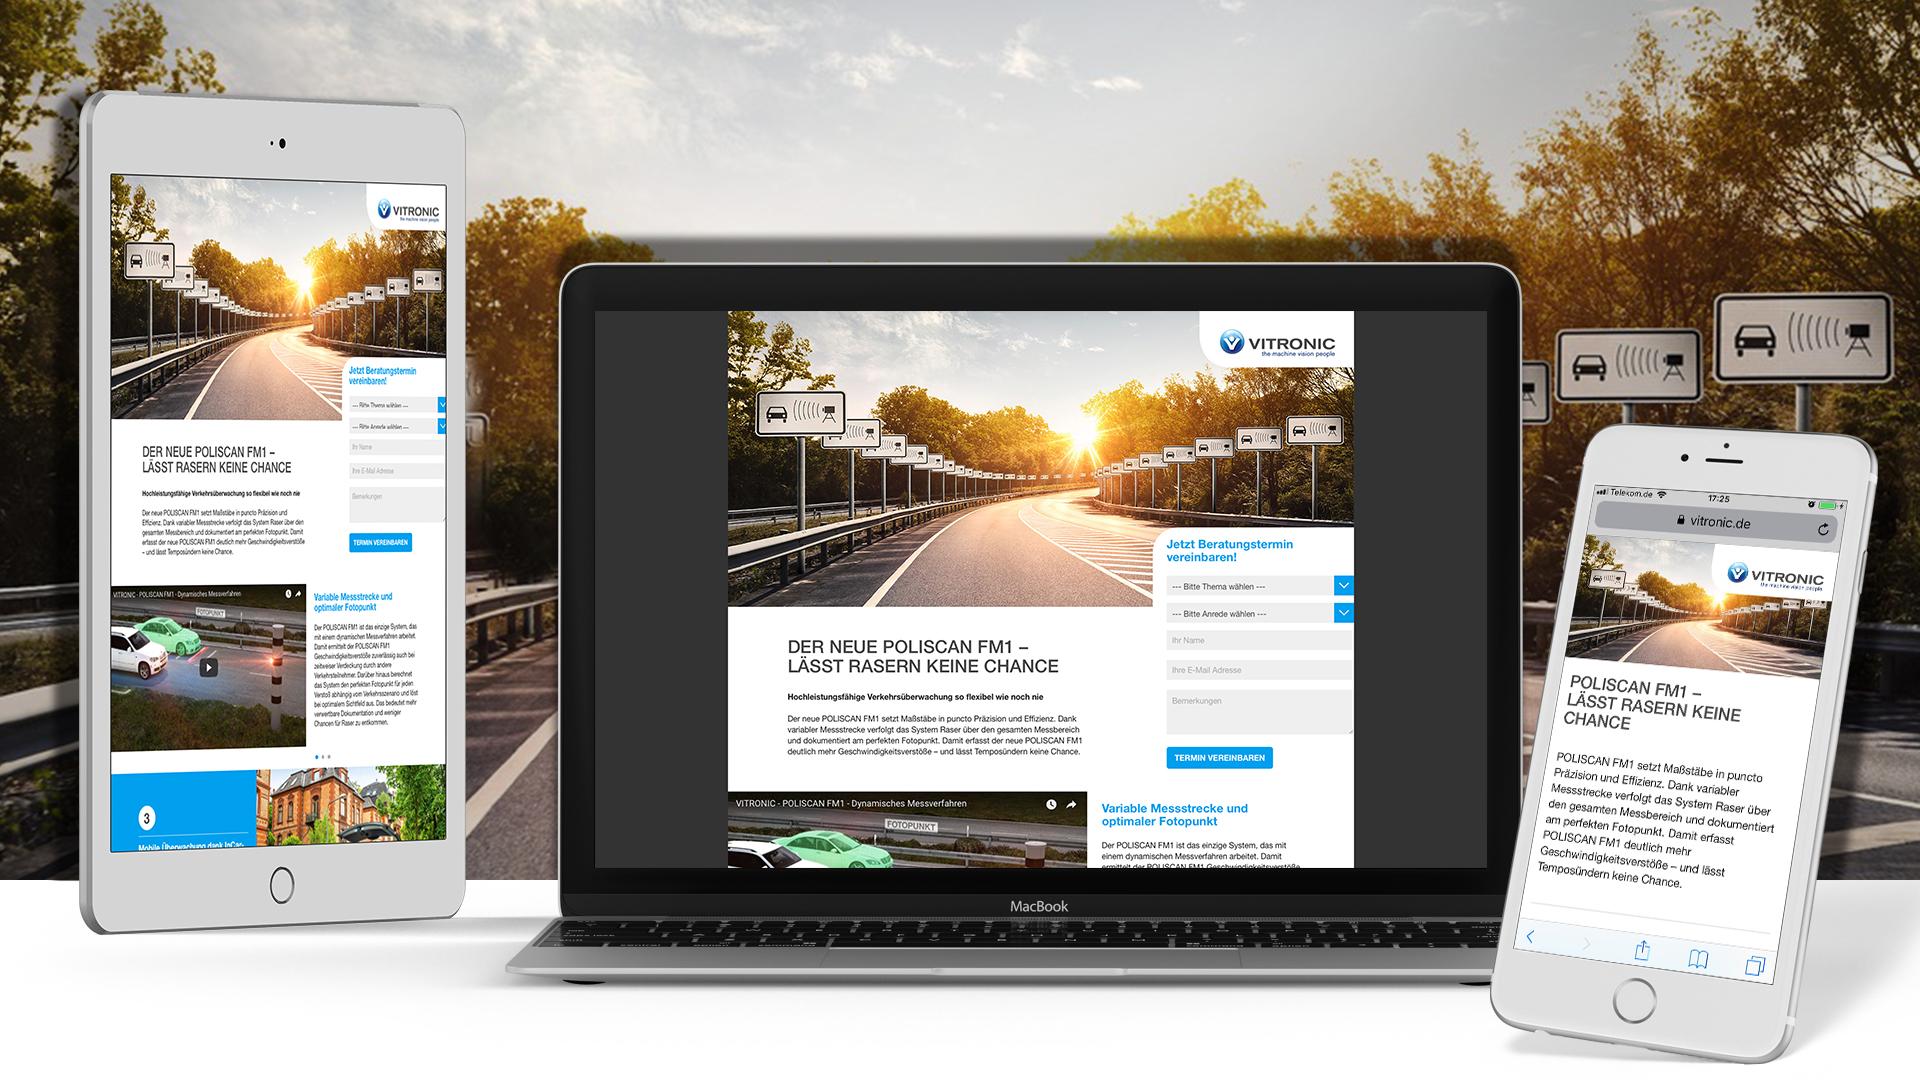 Laptop, Handy und Tablet mit Vitronic Webseite